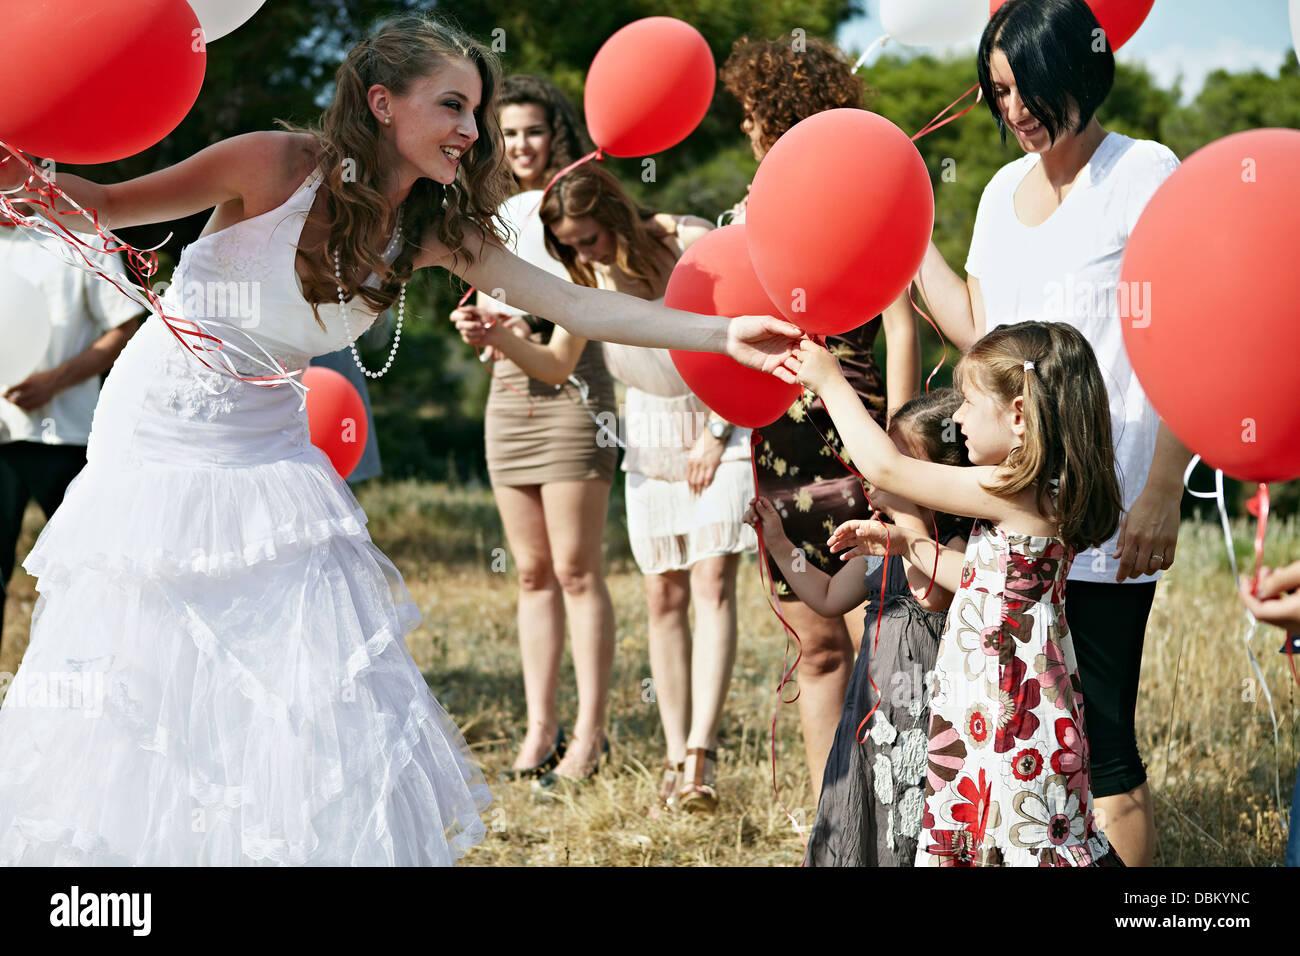 Les invités au mariage avec des ballons à l'extérieur, Italy, Europe Photo Stock